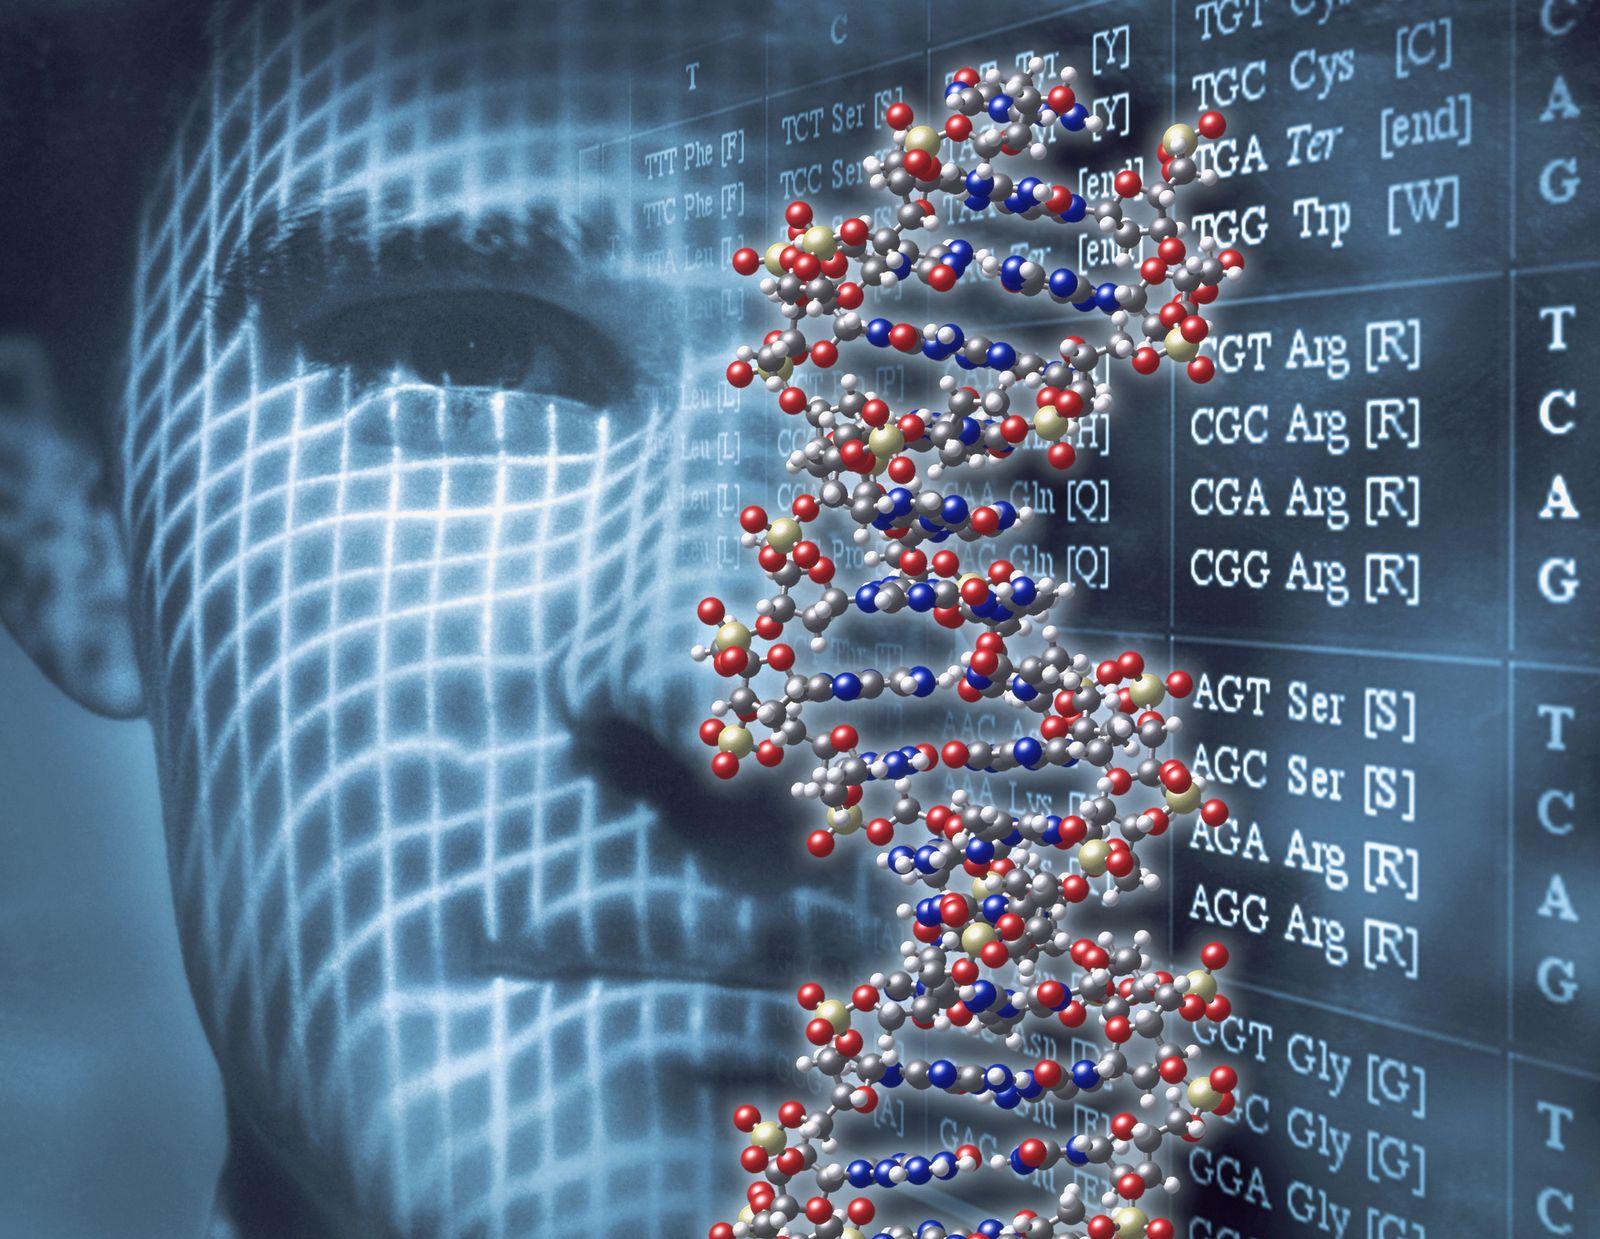 NICHT MEHR VERWENDEN! - Symbolbilder/ Nobelpreis/ Medizin/ DNA